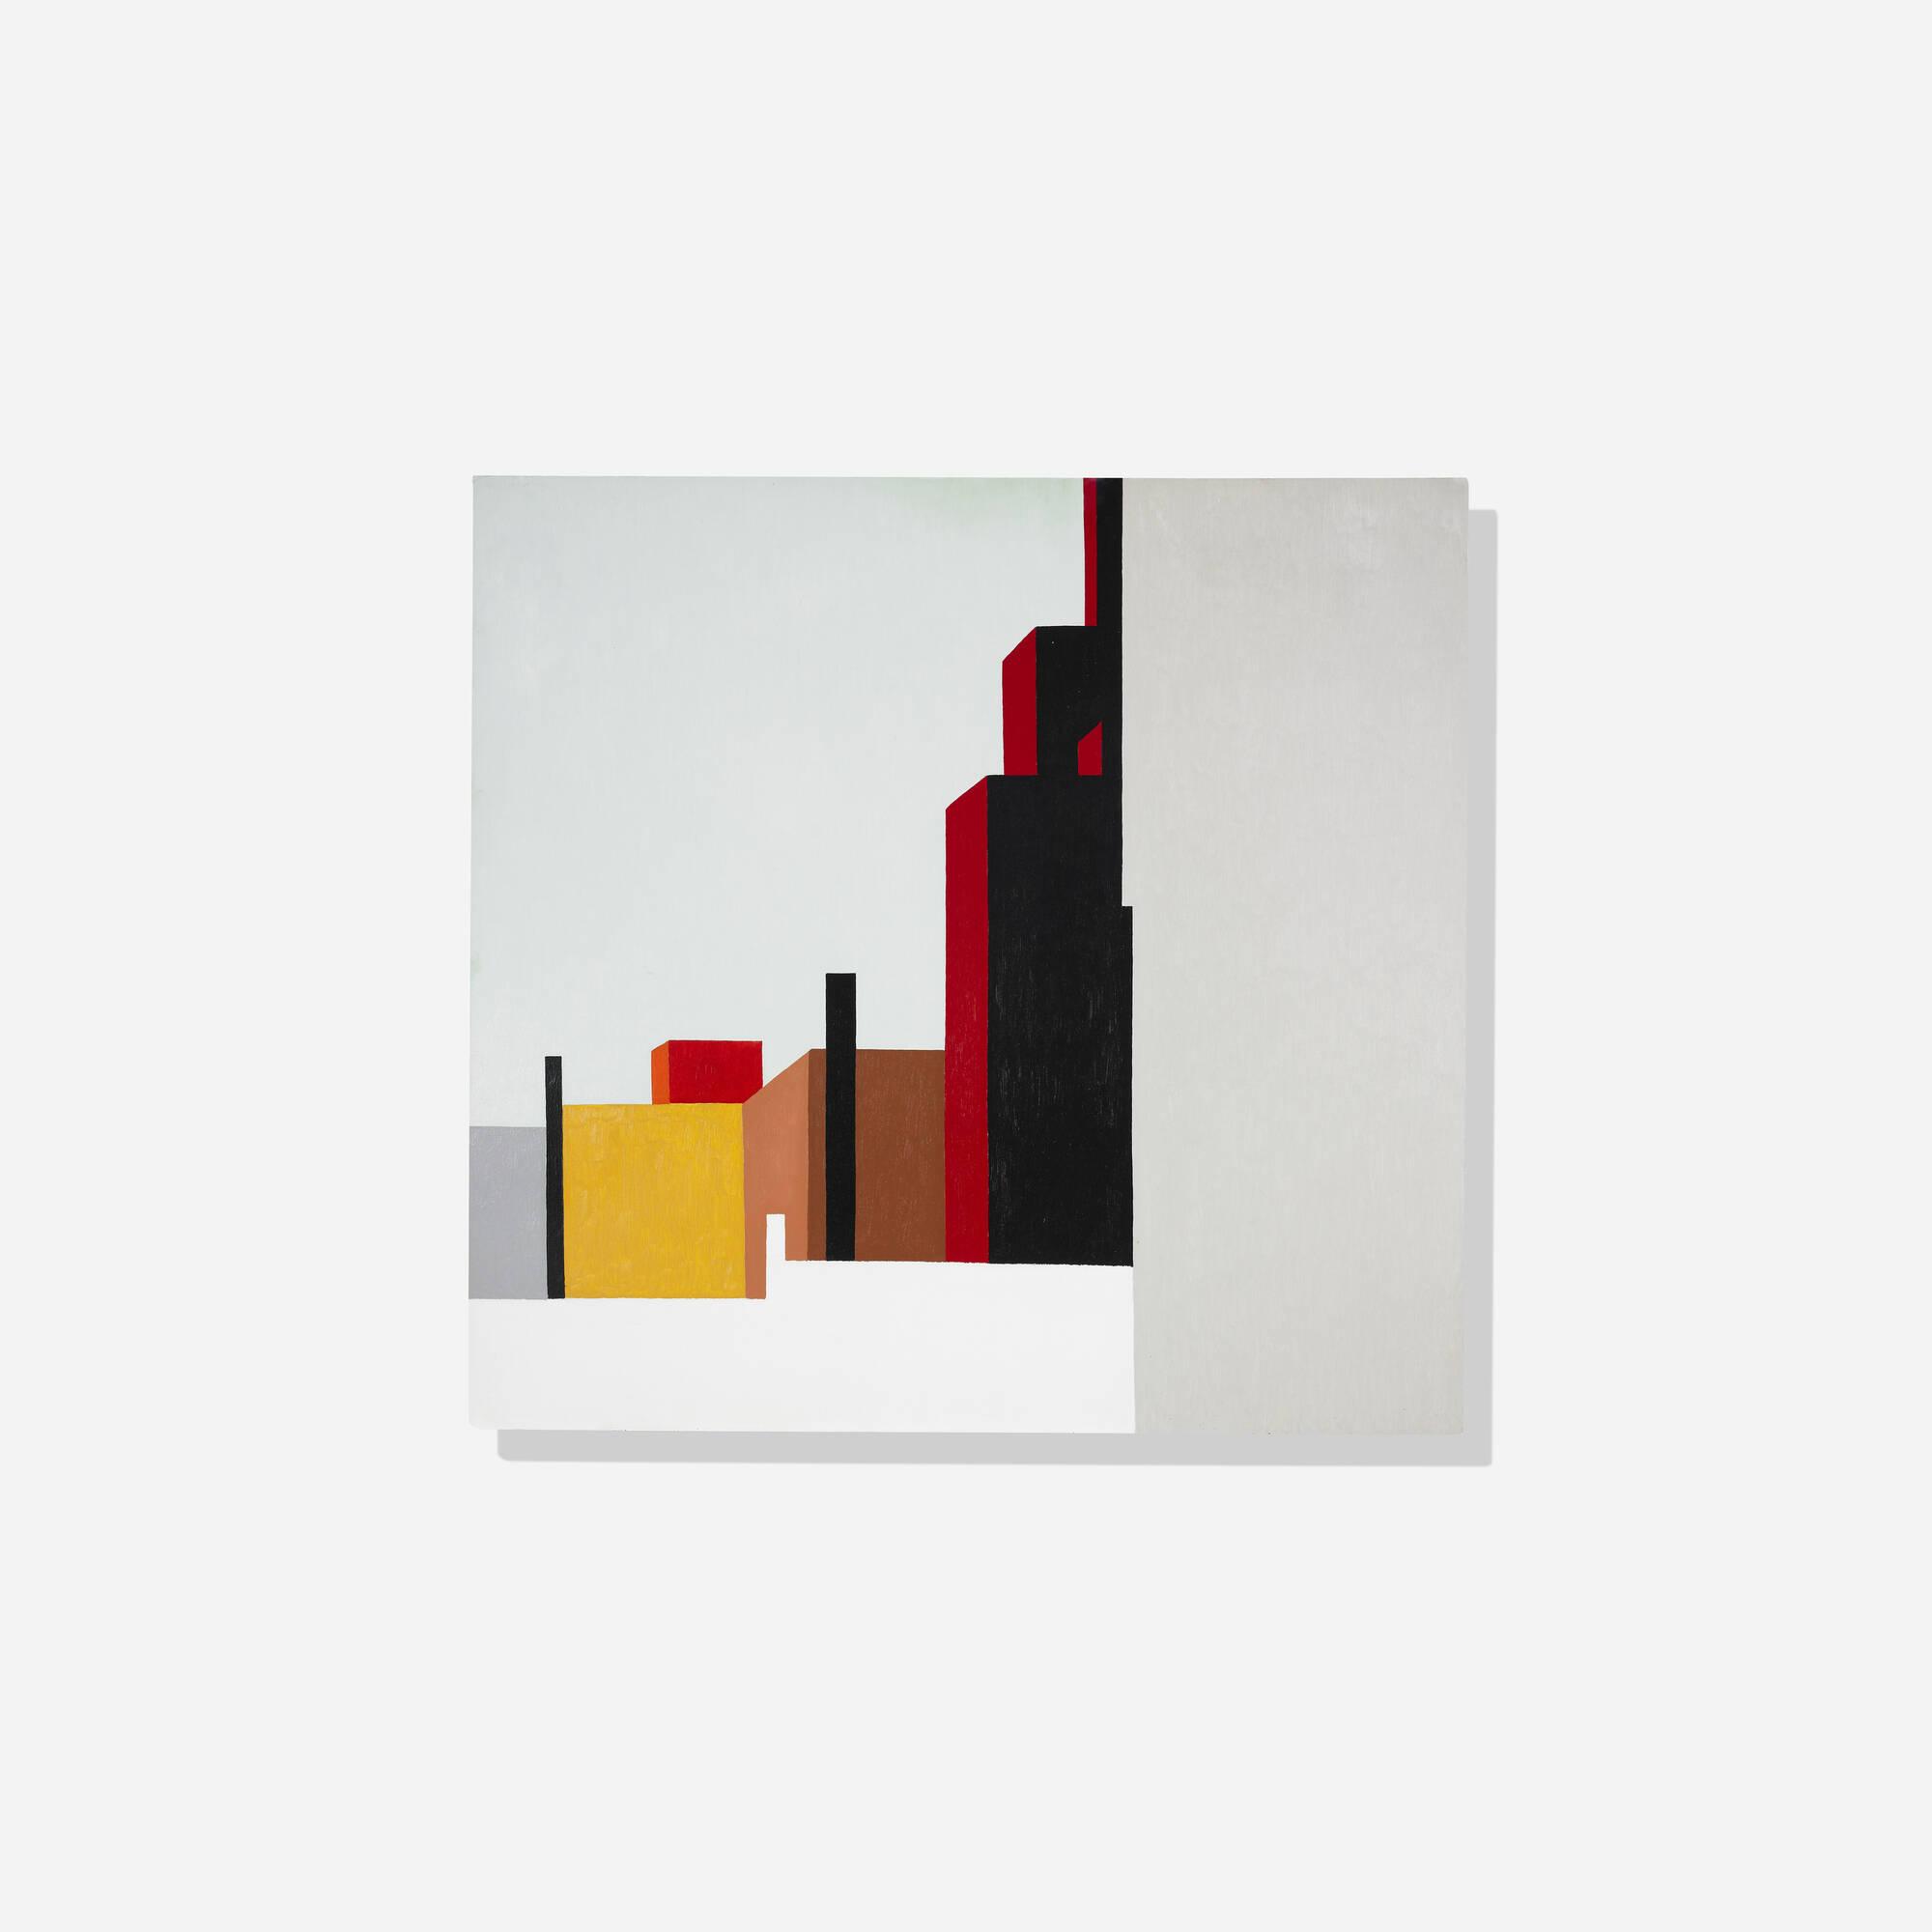 349: Robert Herrmann / Westside Apartments (1 of 1)